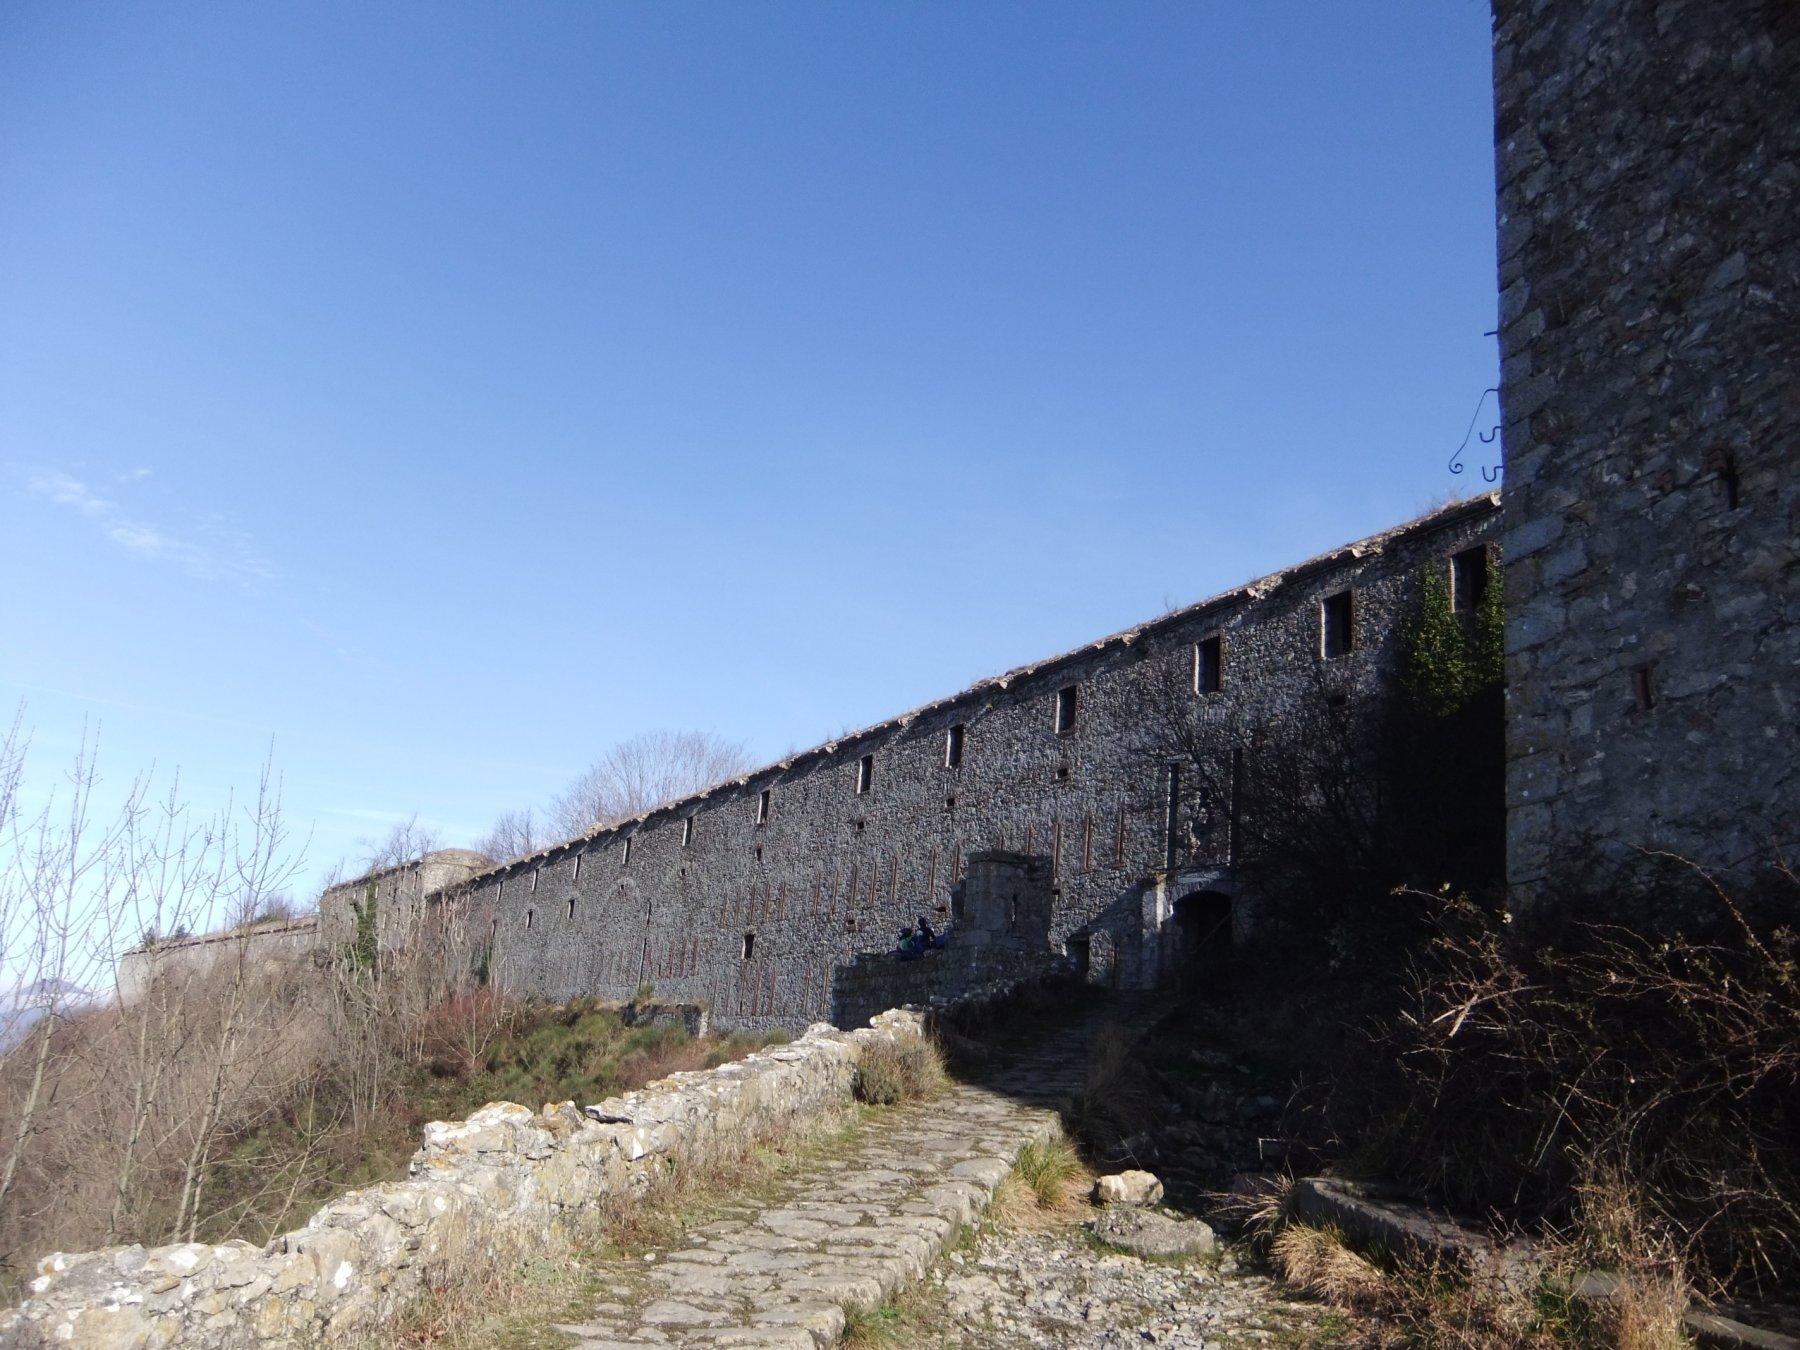 Ratti (Monte) da Genova Struppa, anello Forte Ratti 2020-01-26